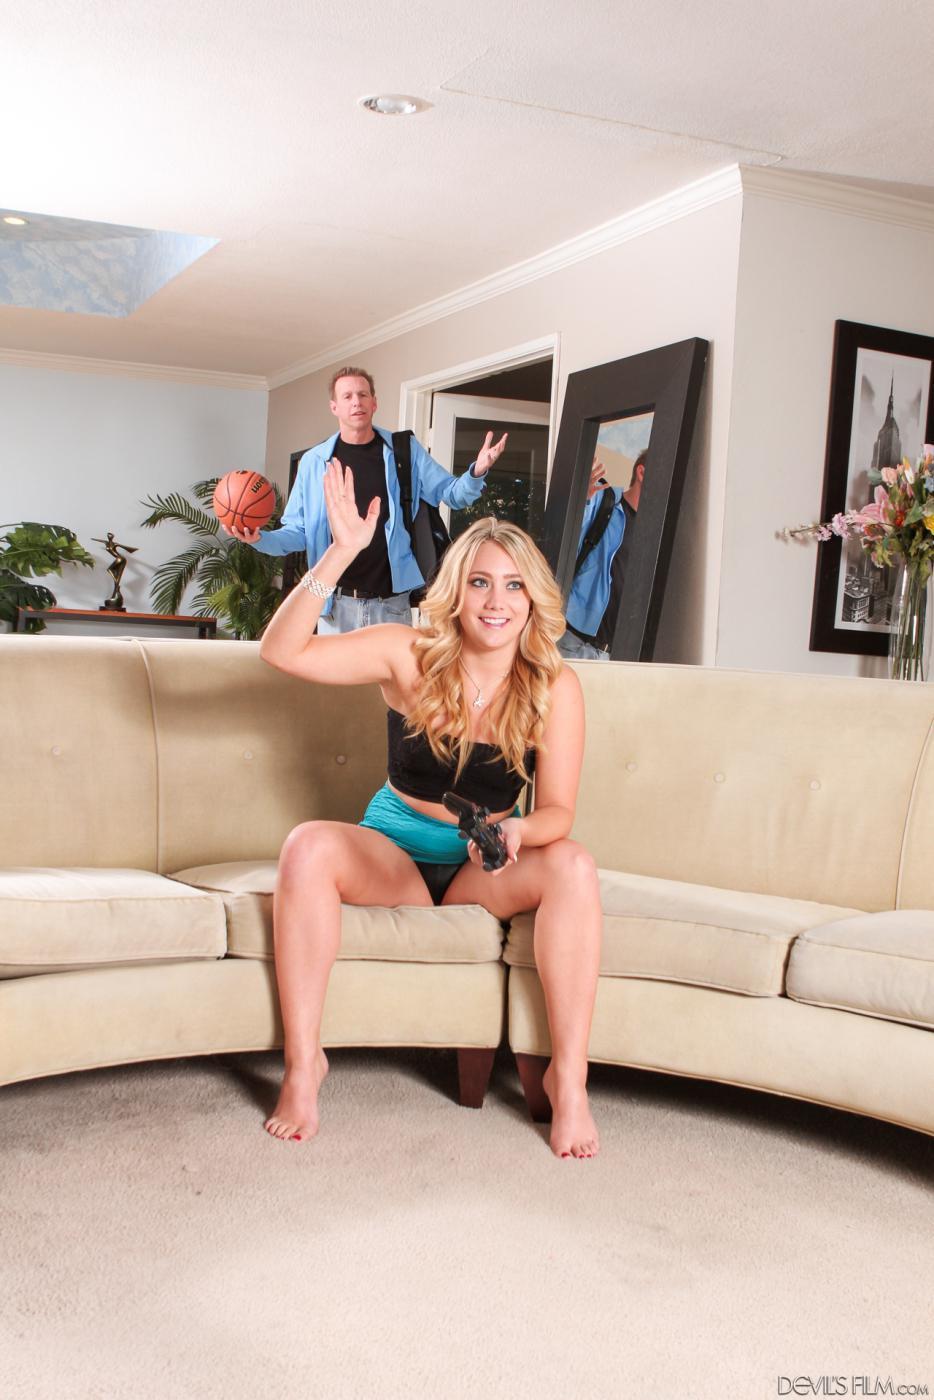 Порнографические каналы блондинки на диване